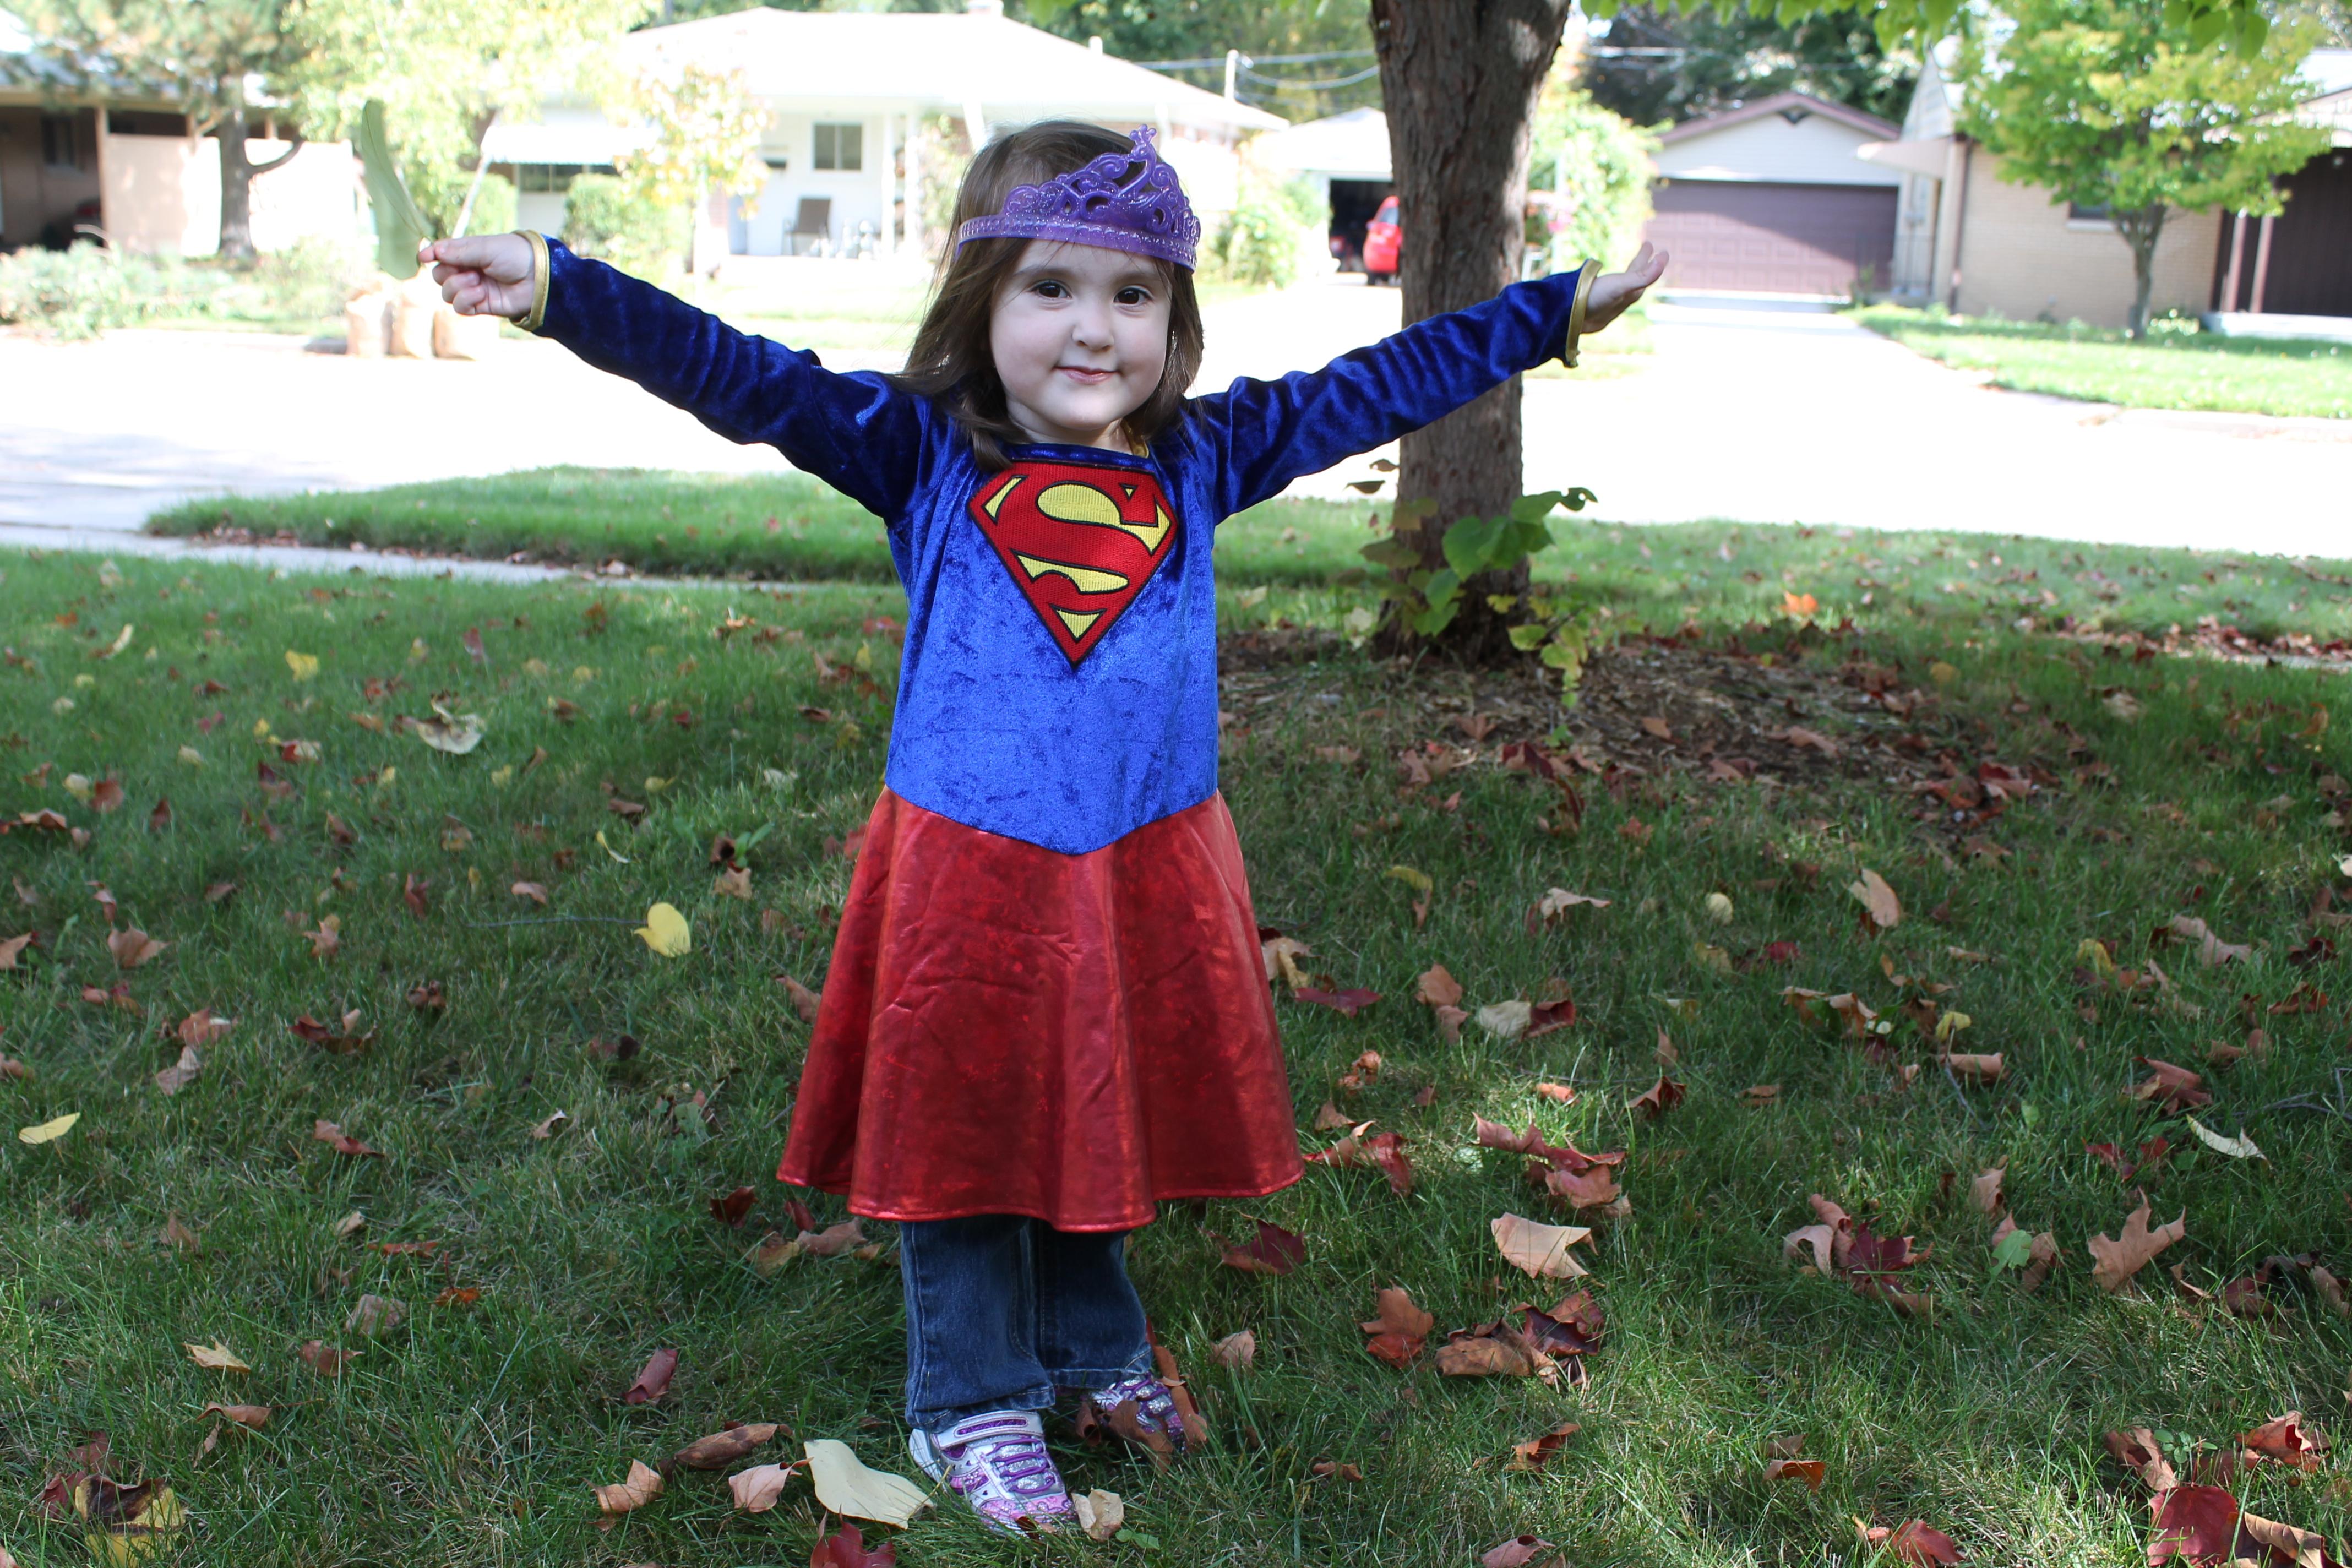 toddler girl wearing supergirl costume